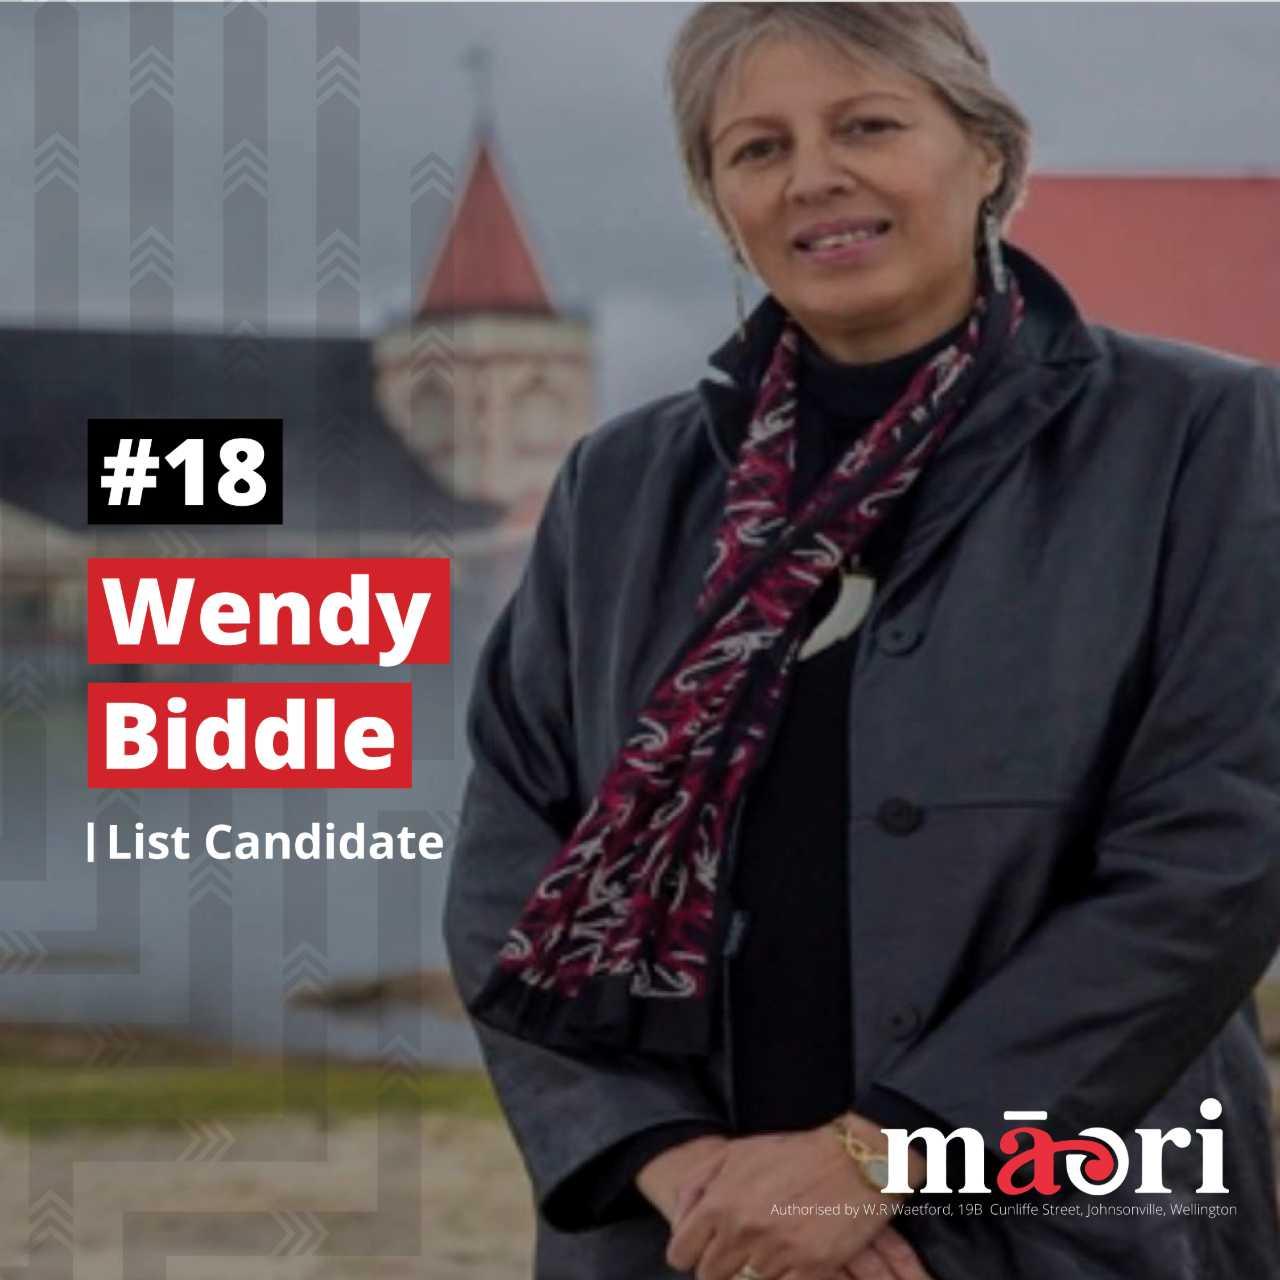 Wendy Biddle, List Candidate